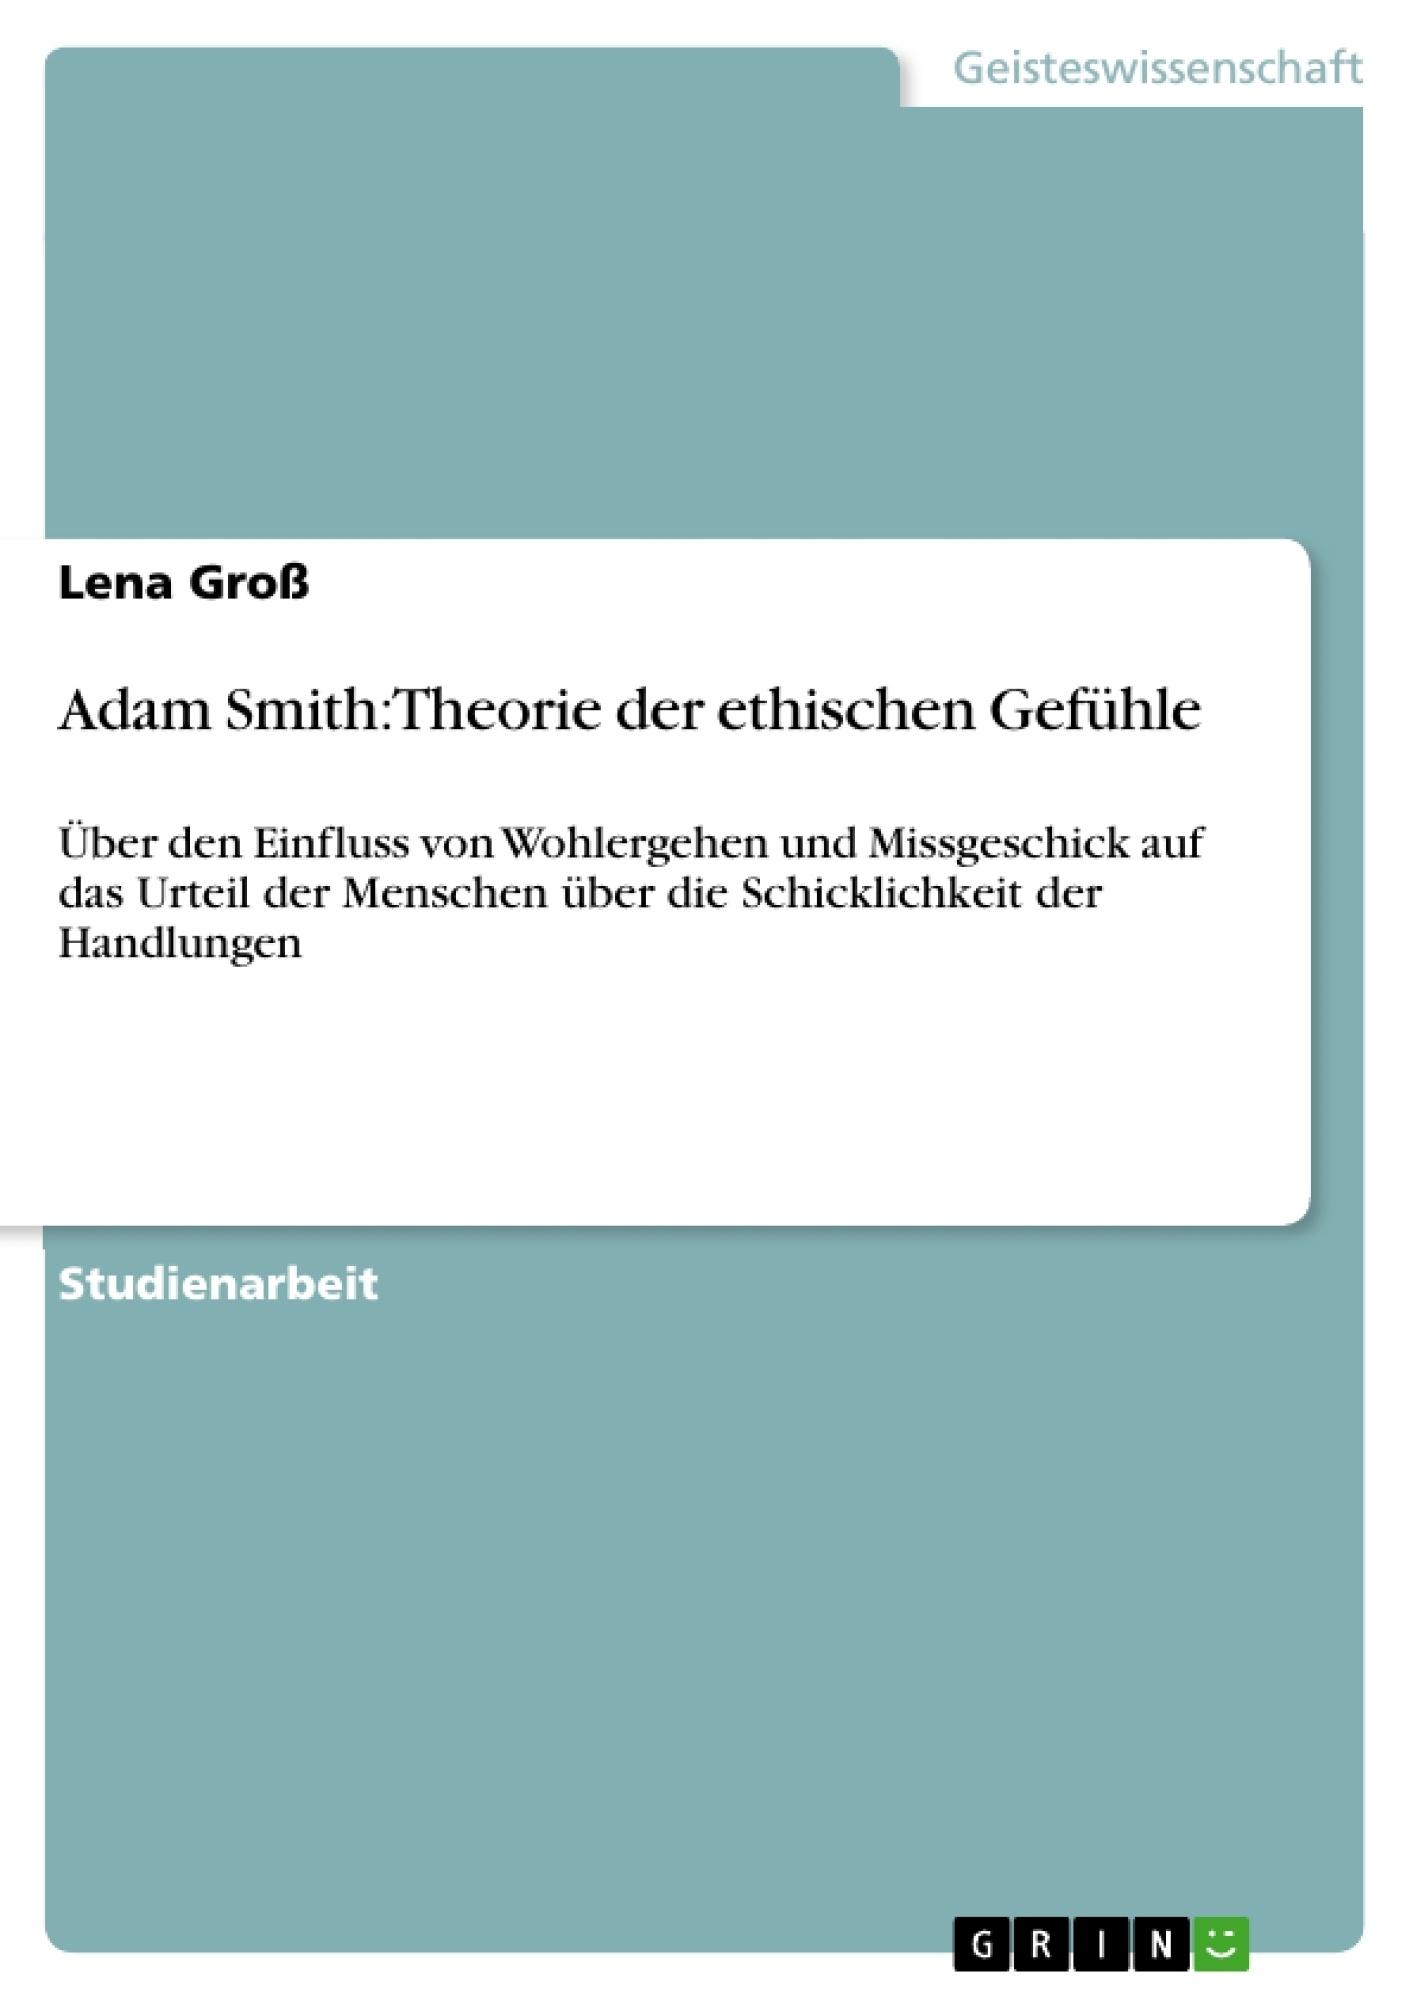 Titel: Adam Smith: Theorie der ethischen Gefühle